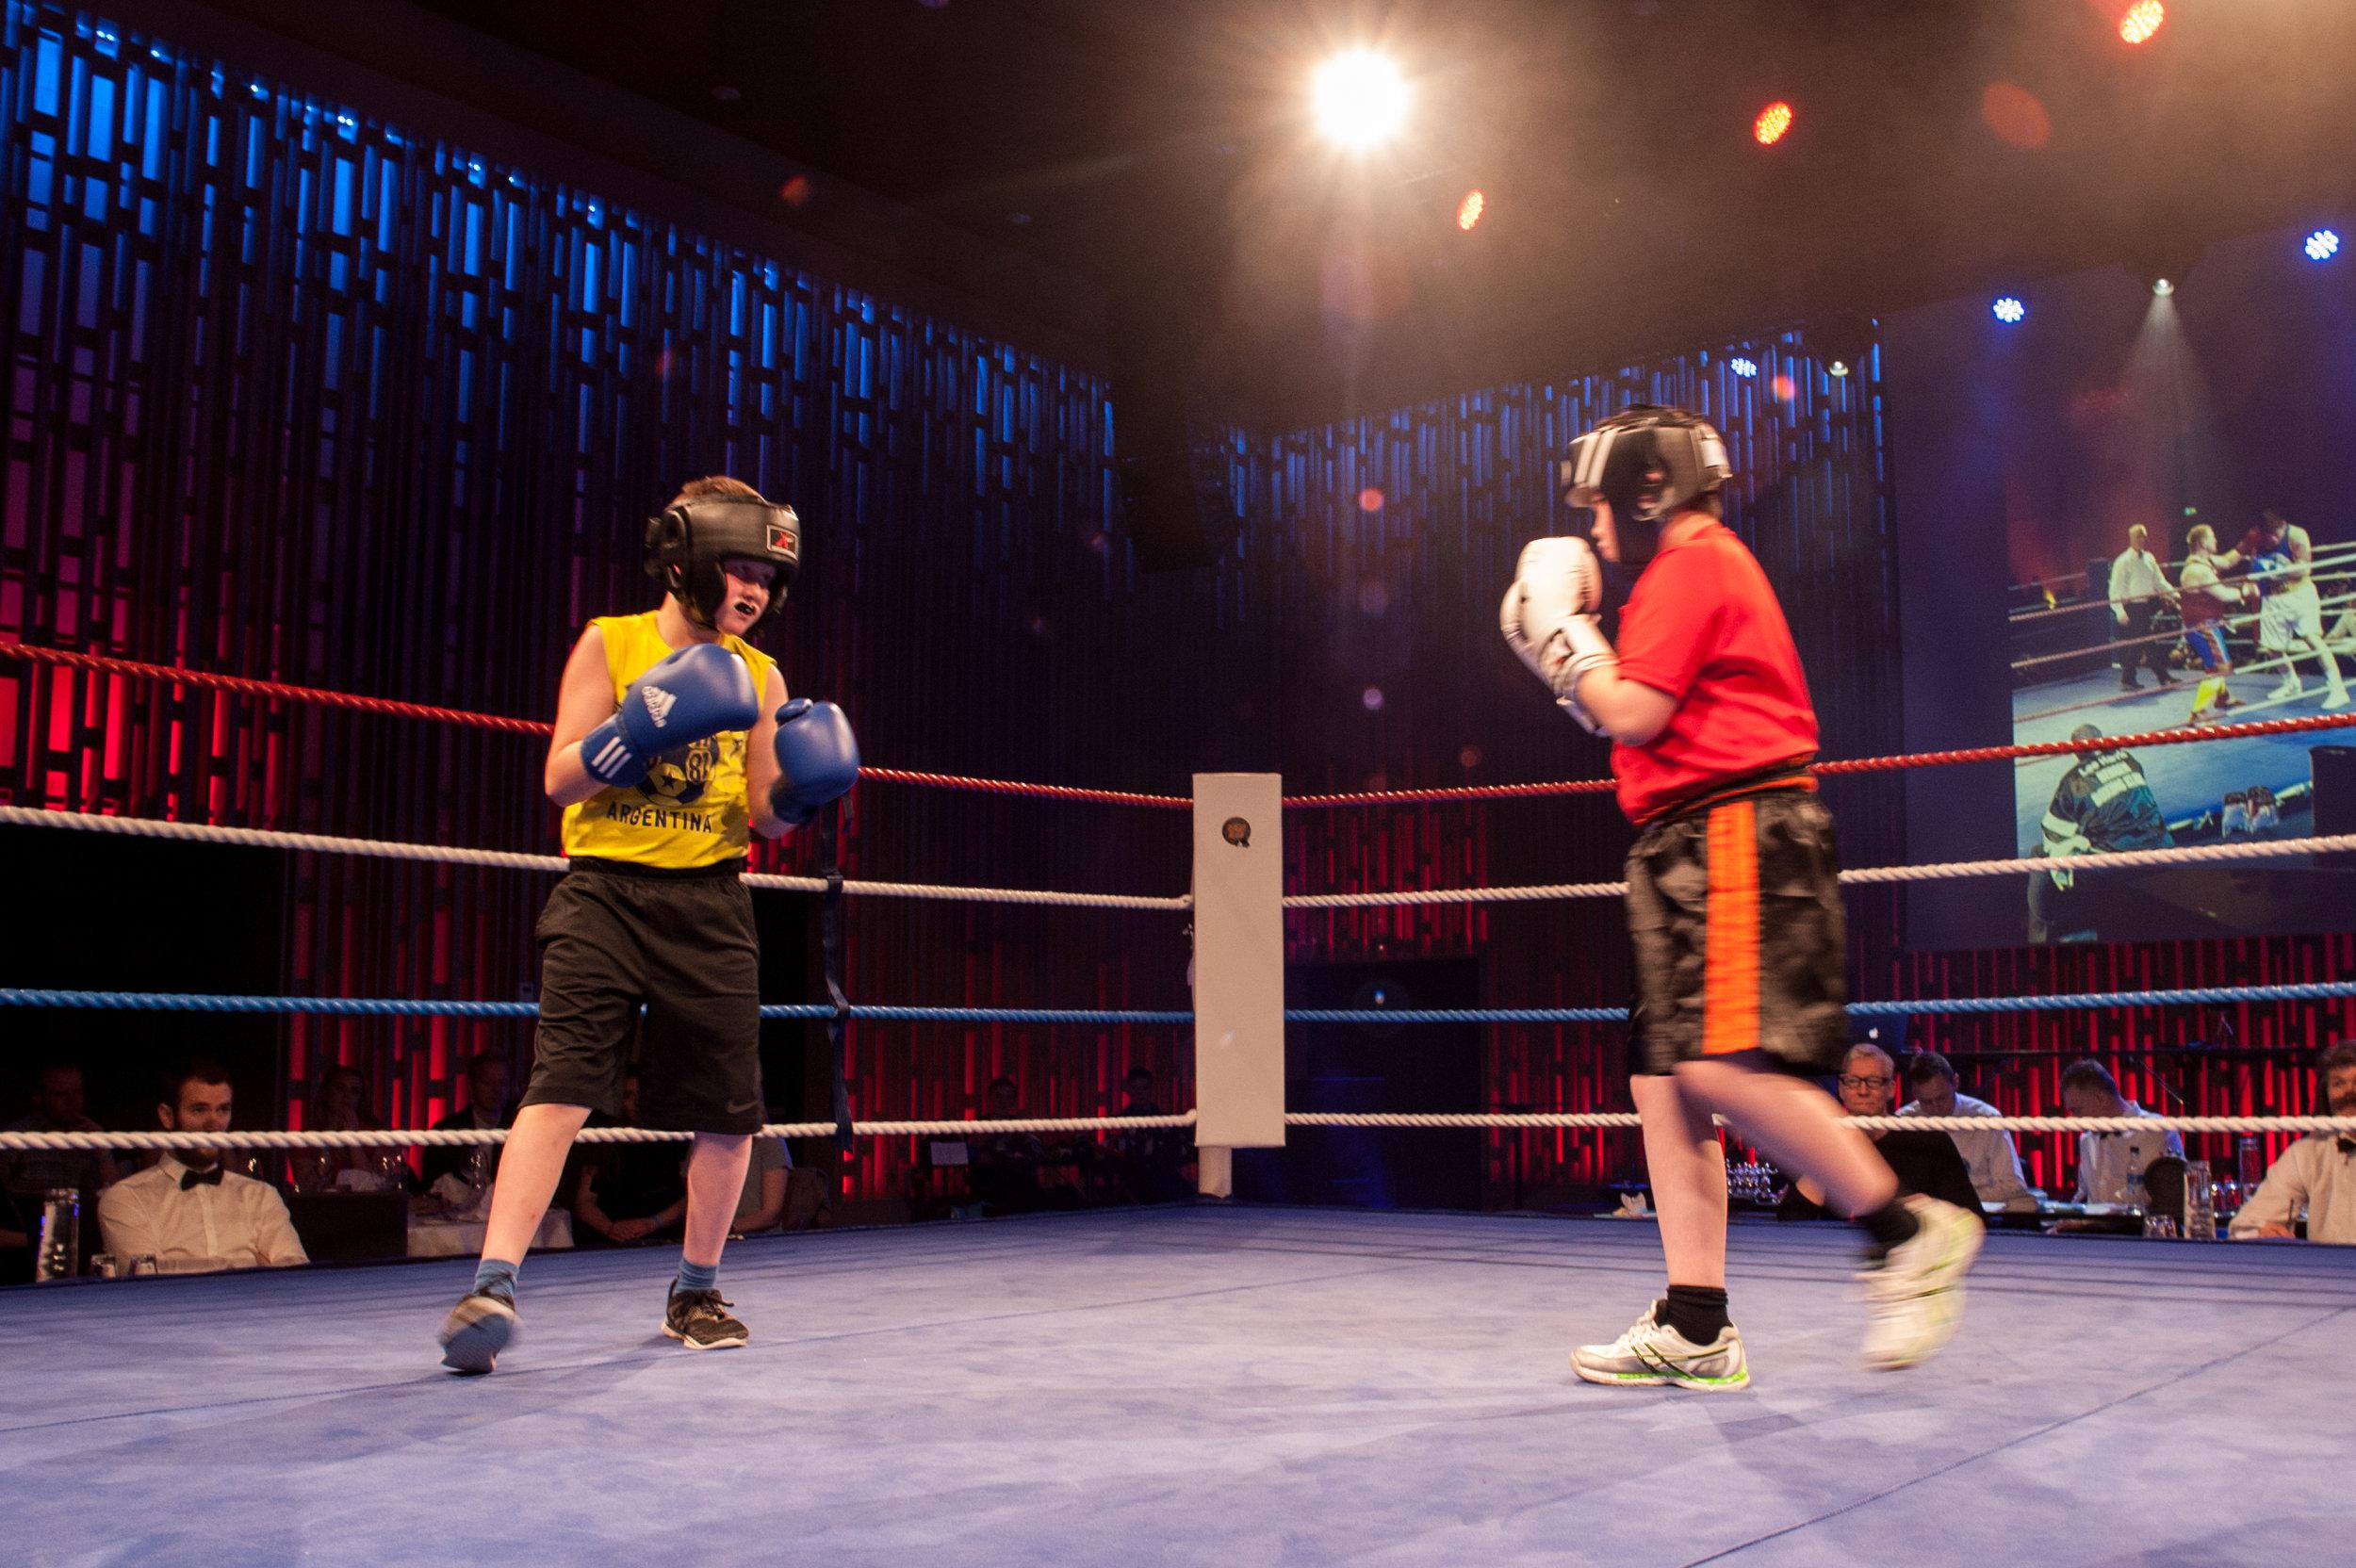 Diplom boxing